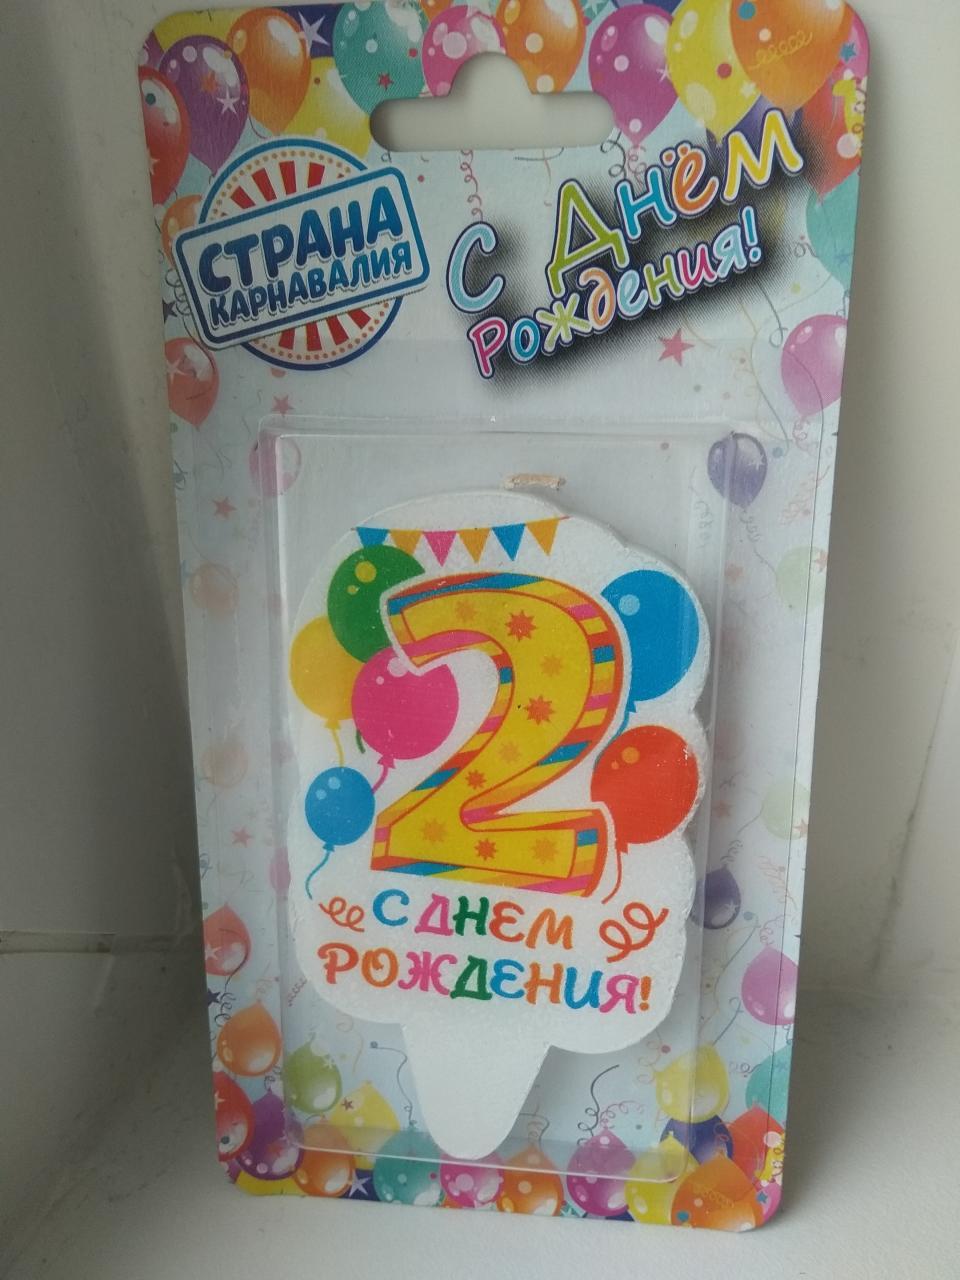 Отзыв на товар: Свеча для торта цифра 2 Праздник. Страна Карнавалия.